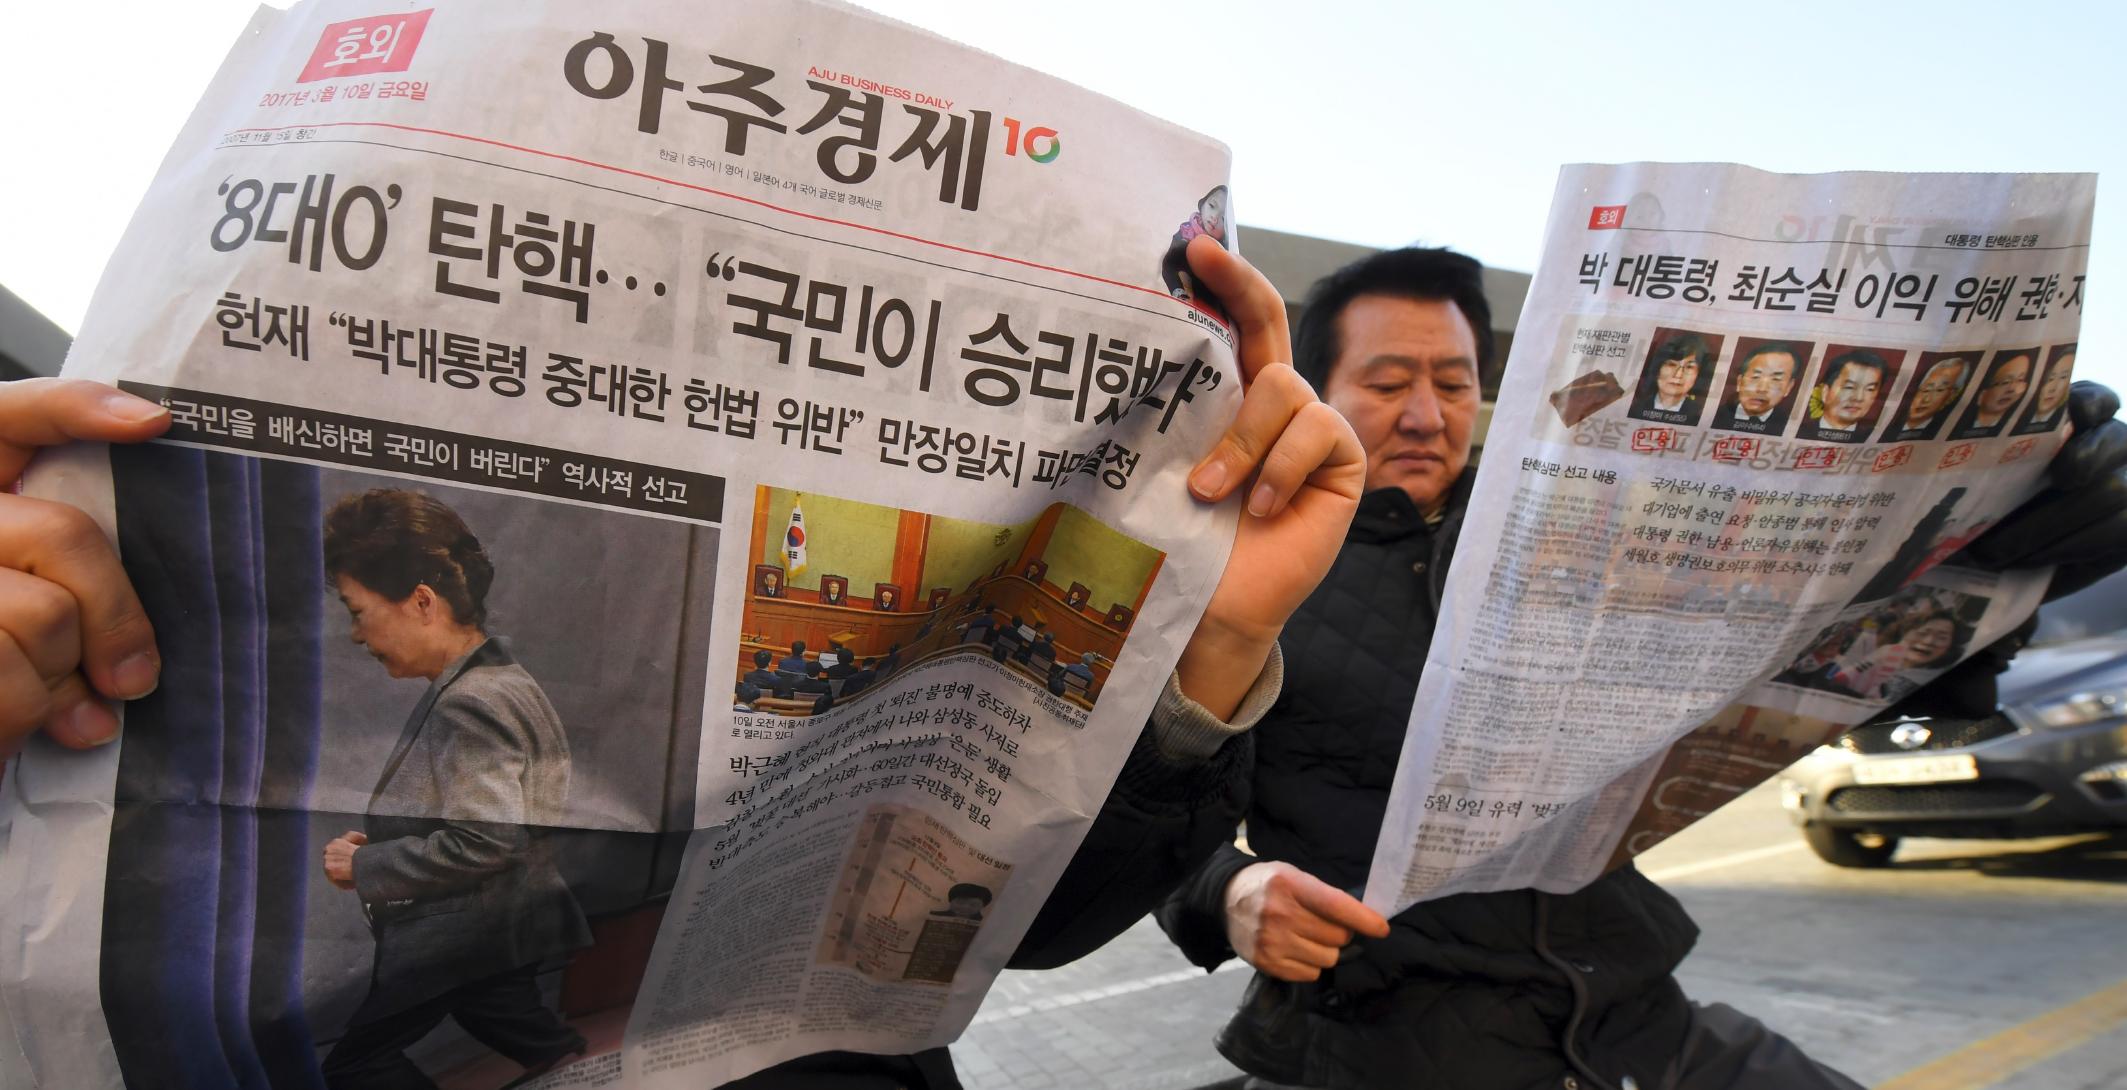 朴槿惠在三月十日被彈劾下台,當地報章推出號外新聞。- JUNG Yeon-Je / AFP